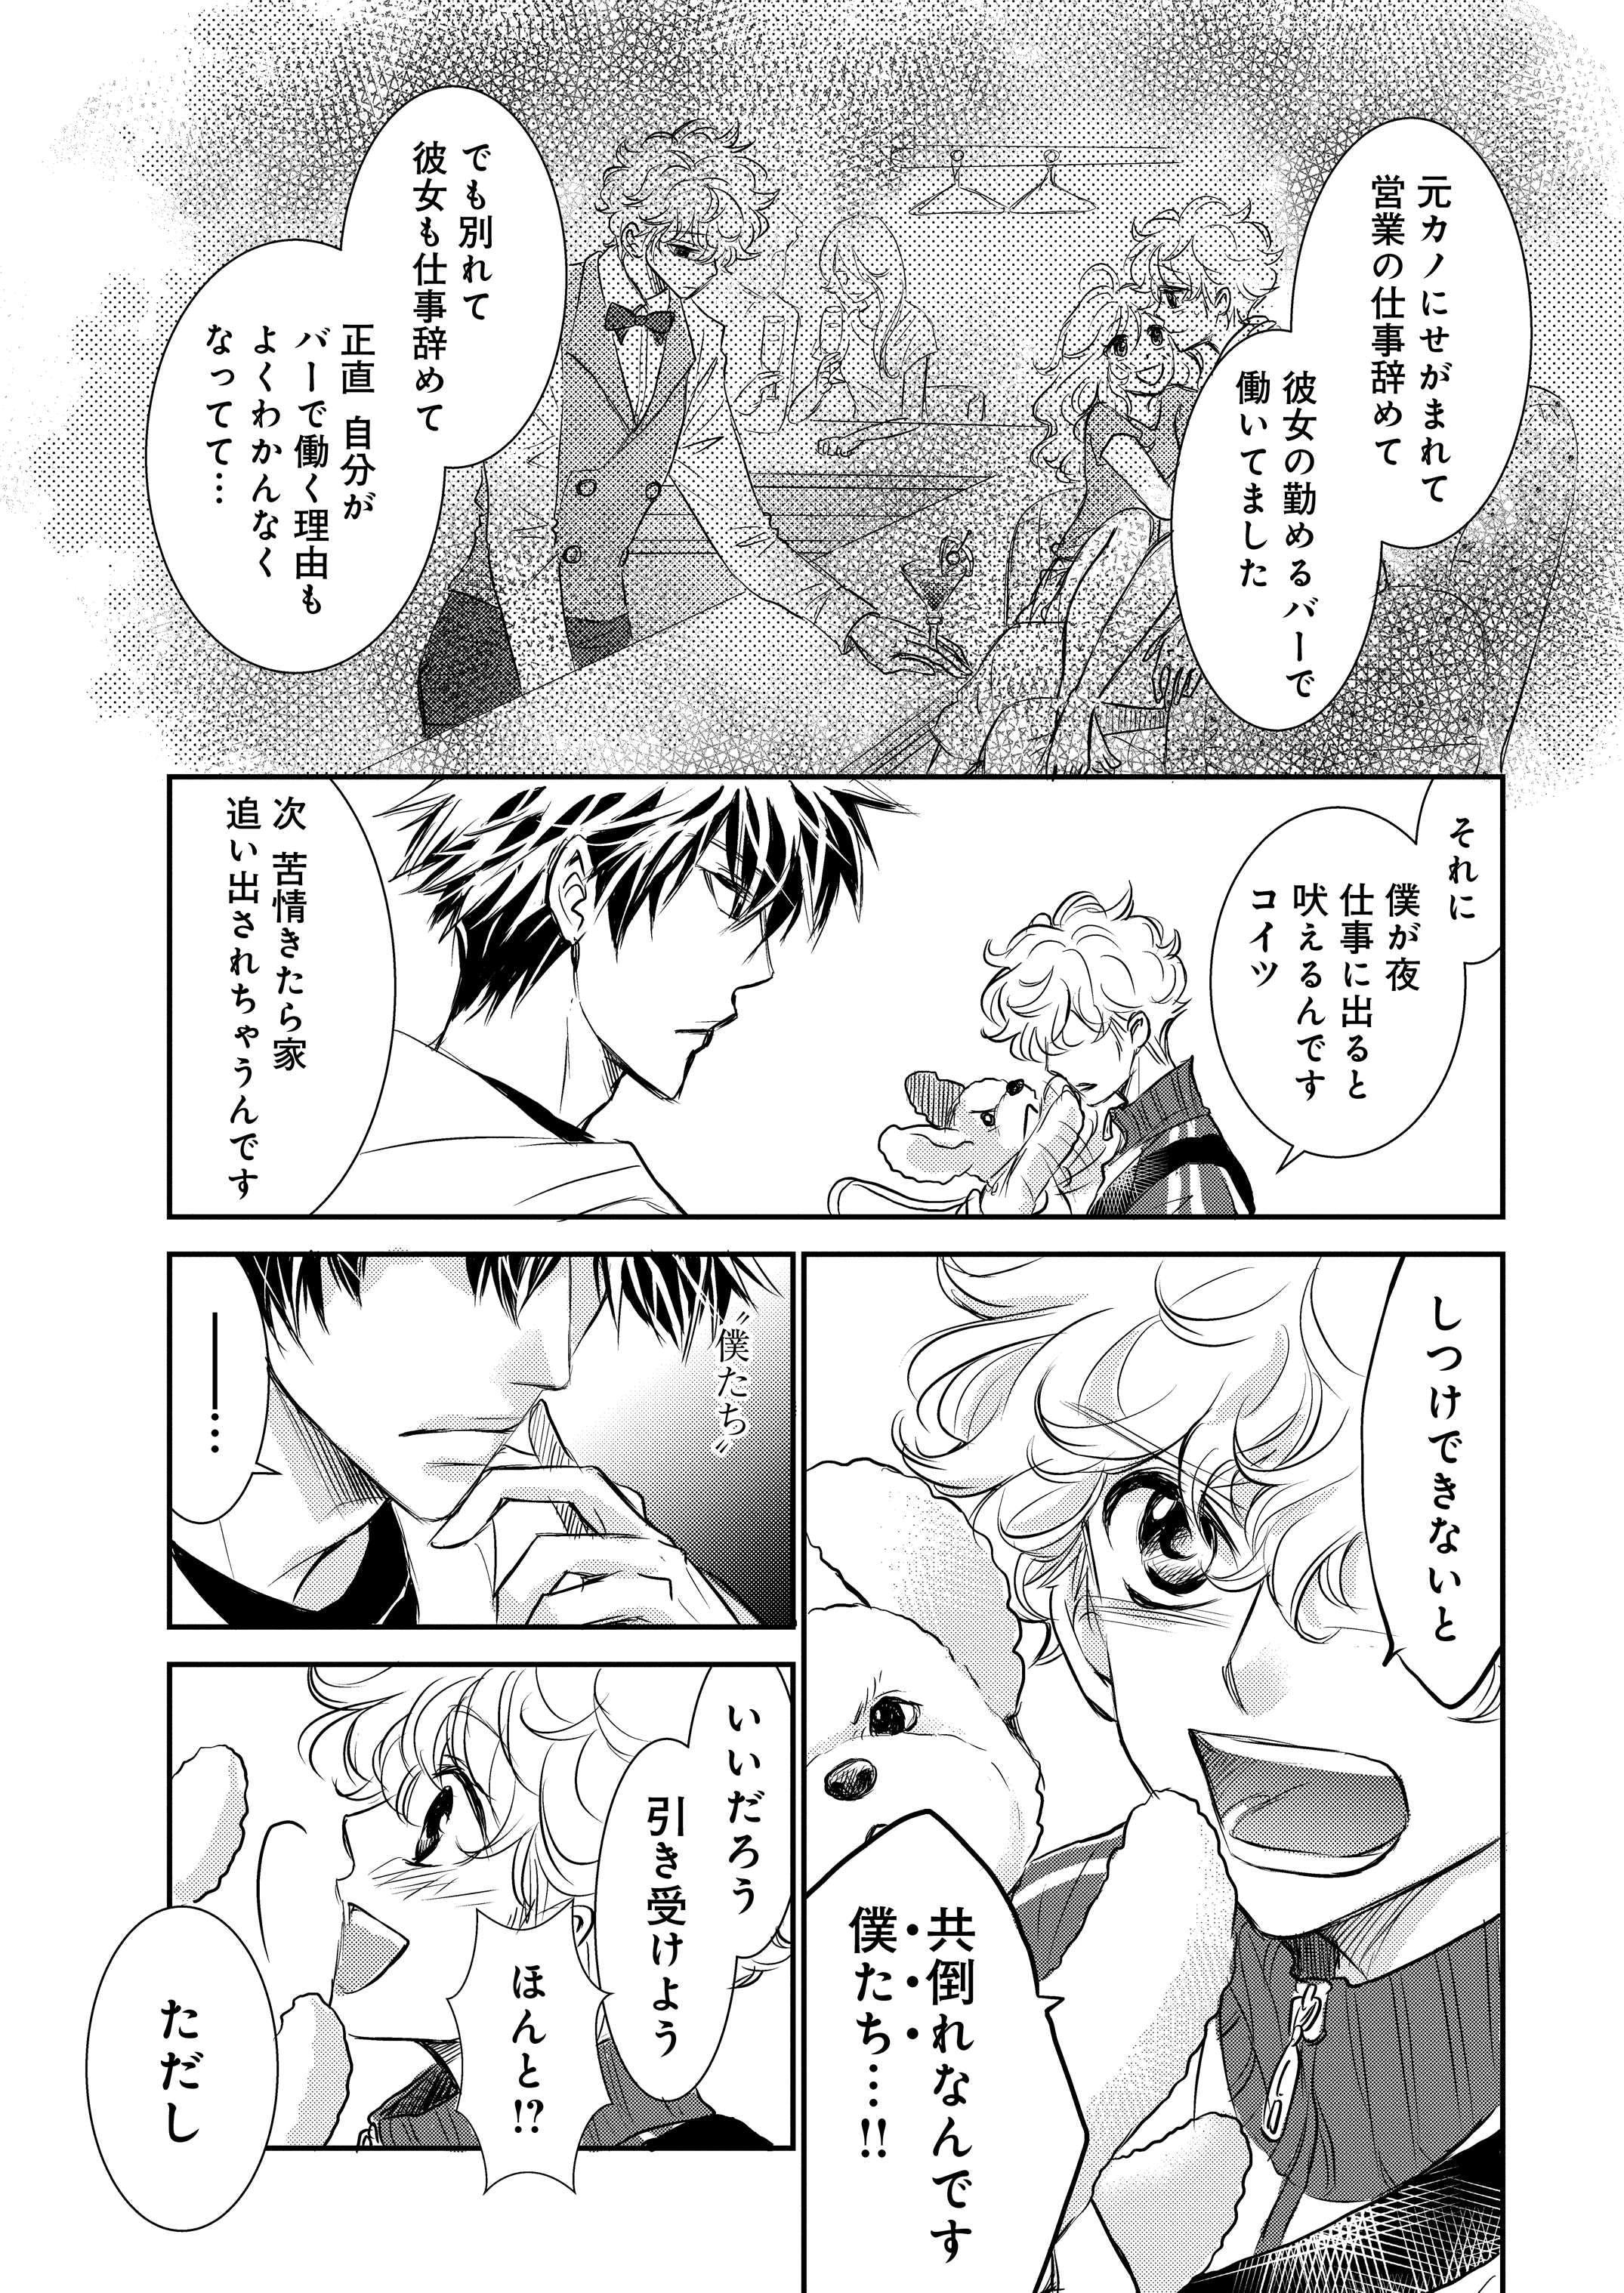 【新連載】『DOG SIGNAL』1話目④ 2ページ目